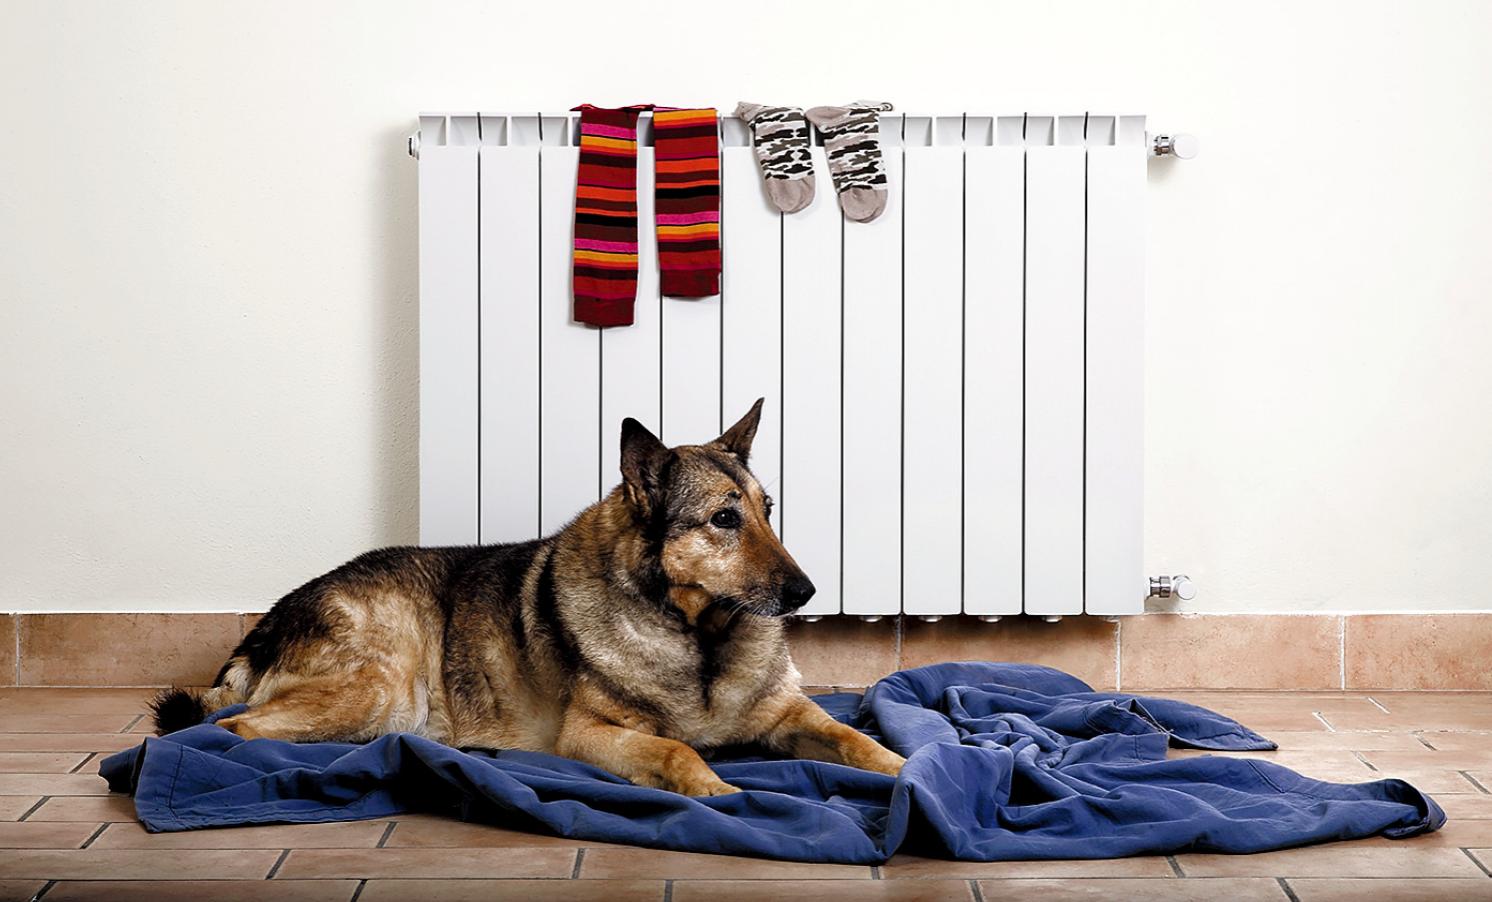 Сертификация радиаторов обновит рынок отопительных приборов. 7/2018. Фото 1